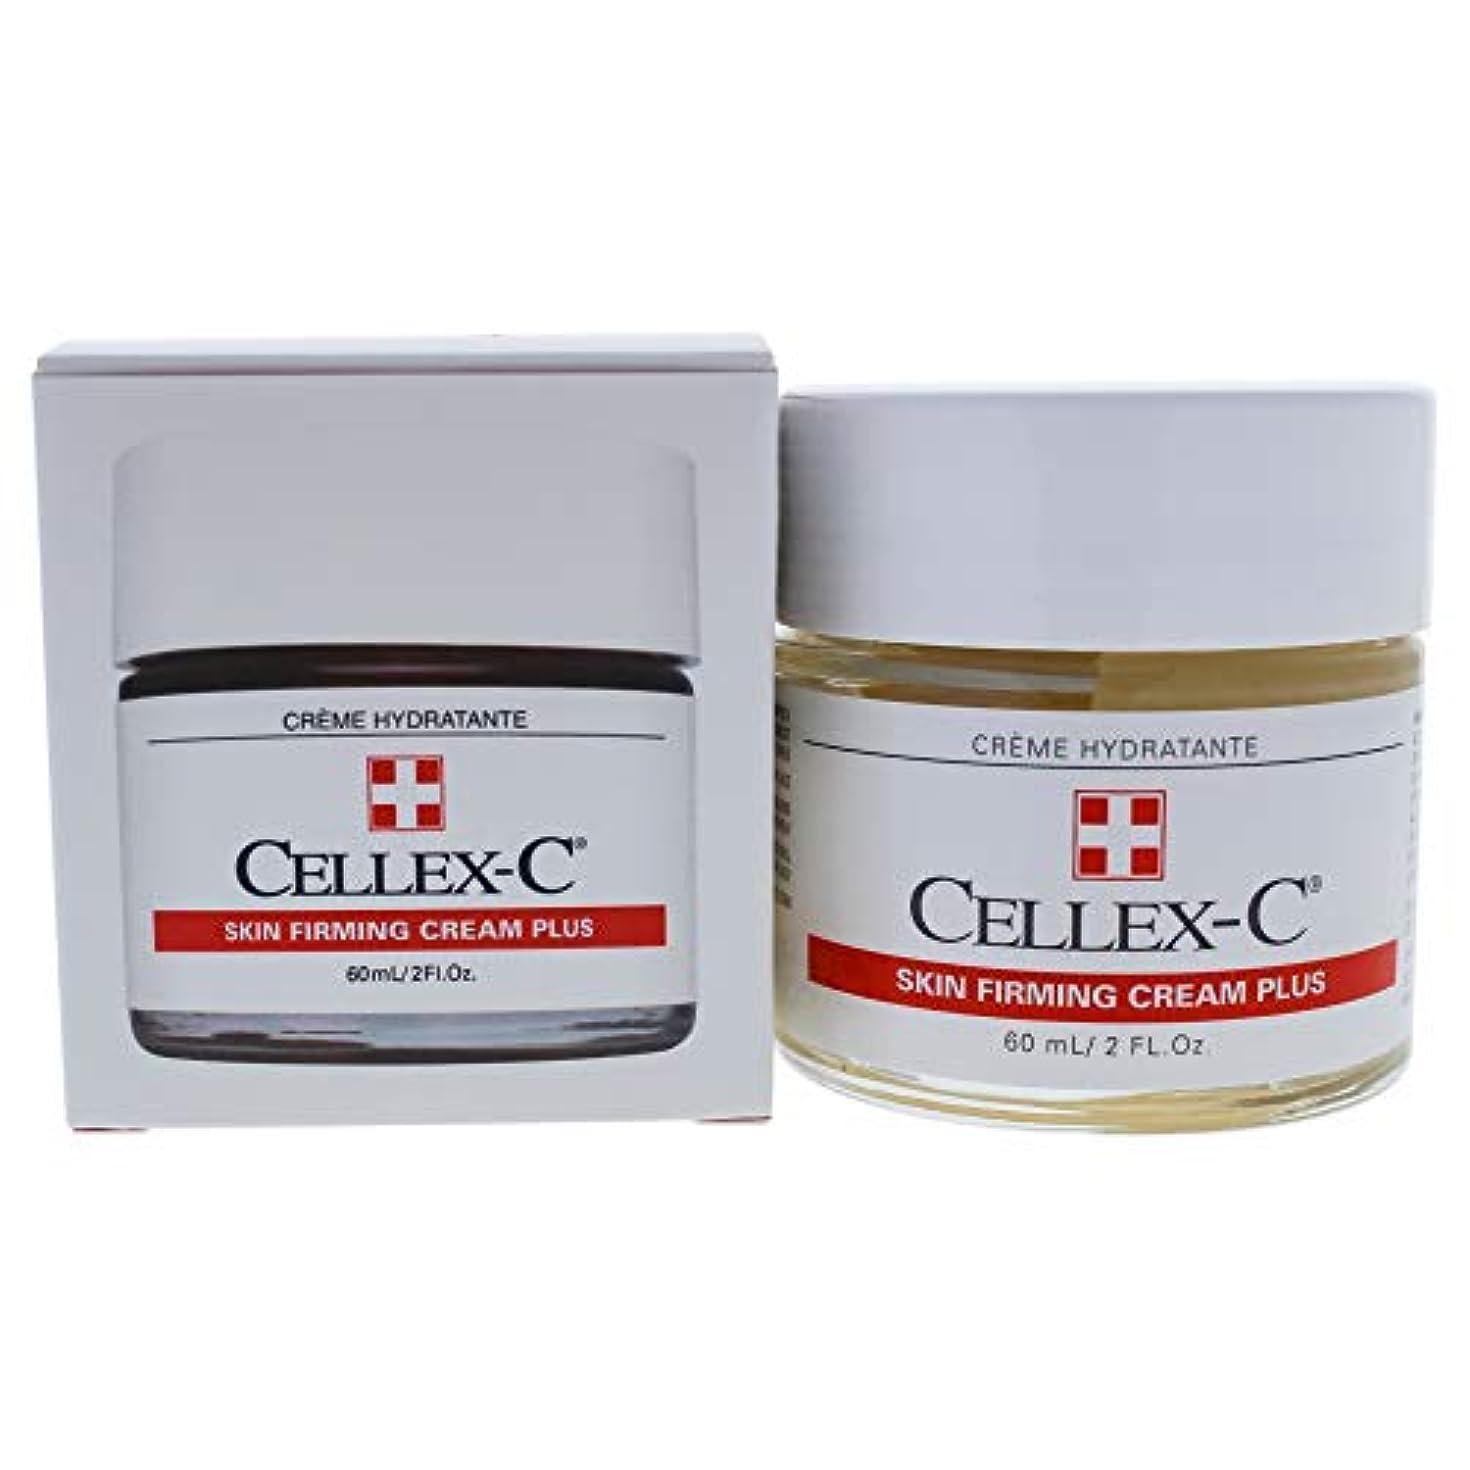 相互接続不十分な熟練したCellex-C ファーミングクリームプラス、60ミリリットルをスキン Skin Firming Cream Plus, 60 ml